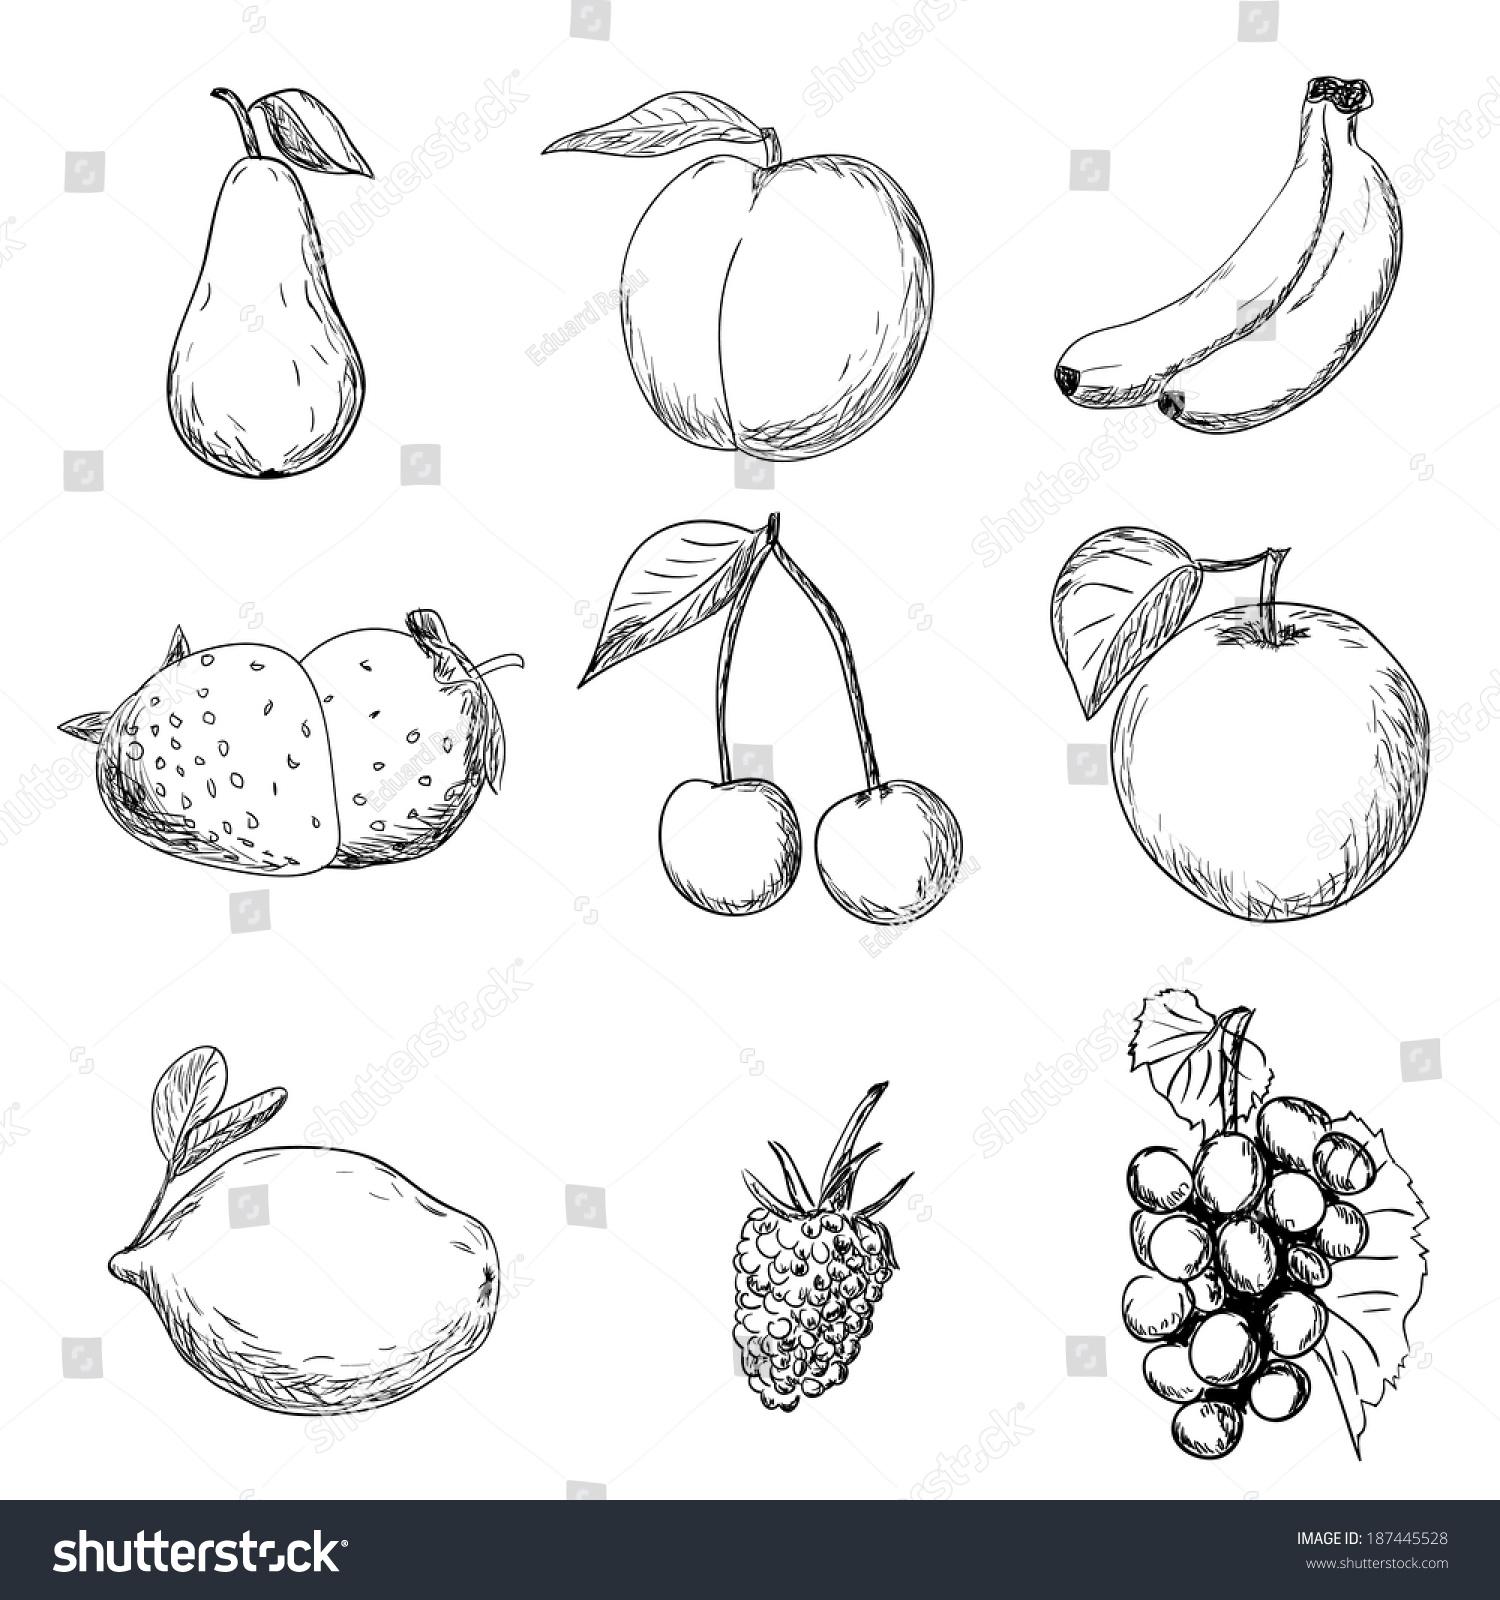 fruits drawing 187445528